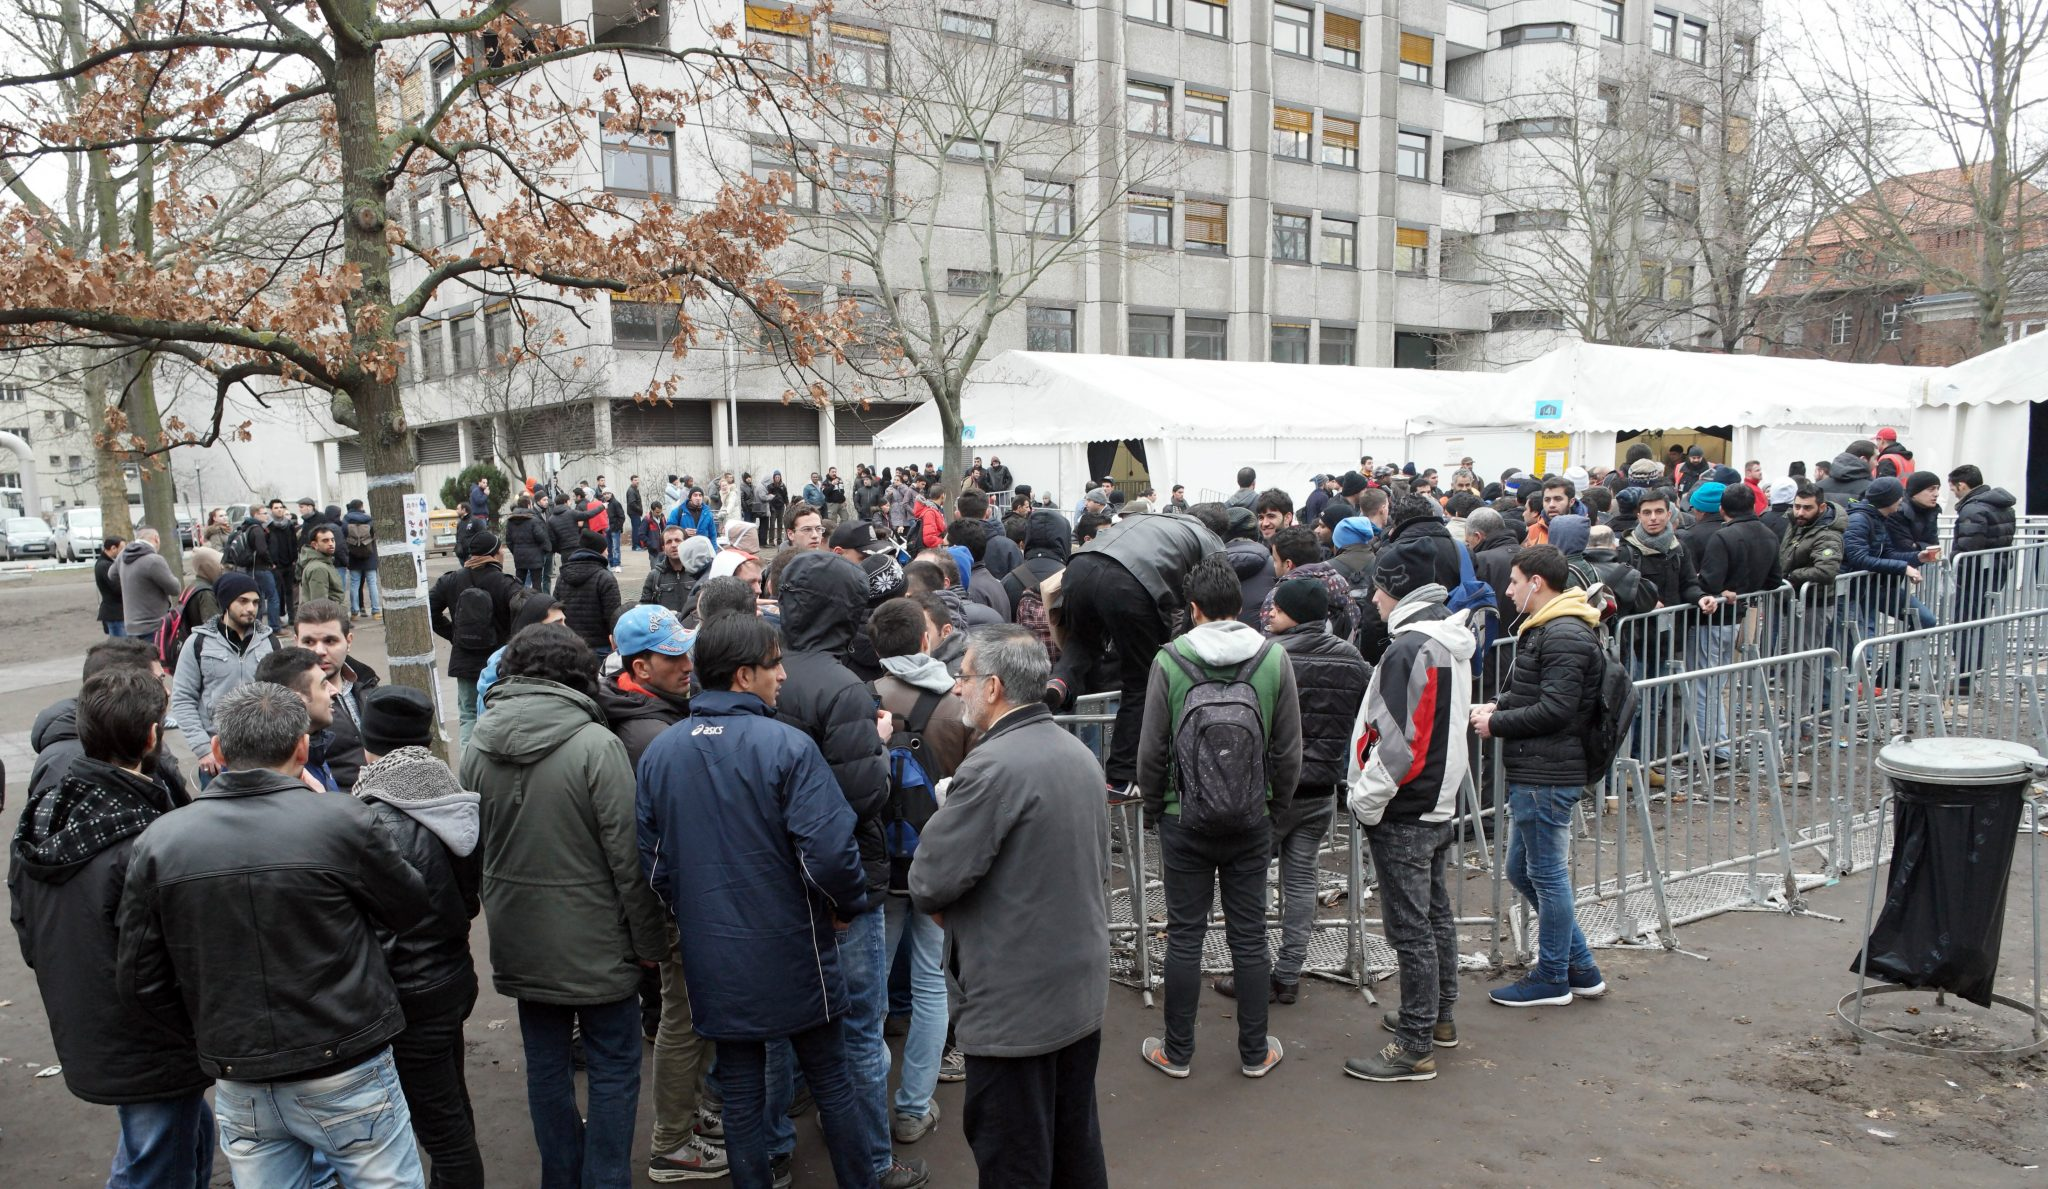 Flüchtlinge warten vor dem Landesamt für Gesundheit und Soziales in Berlin (Archivbild) Foto: (c) dpa